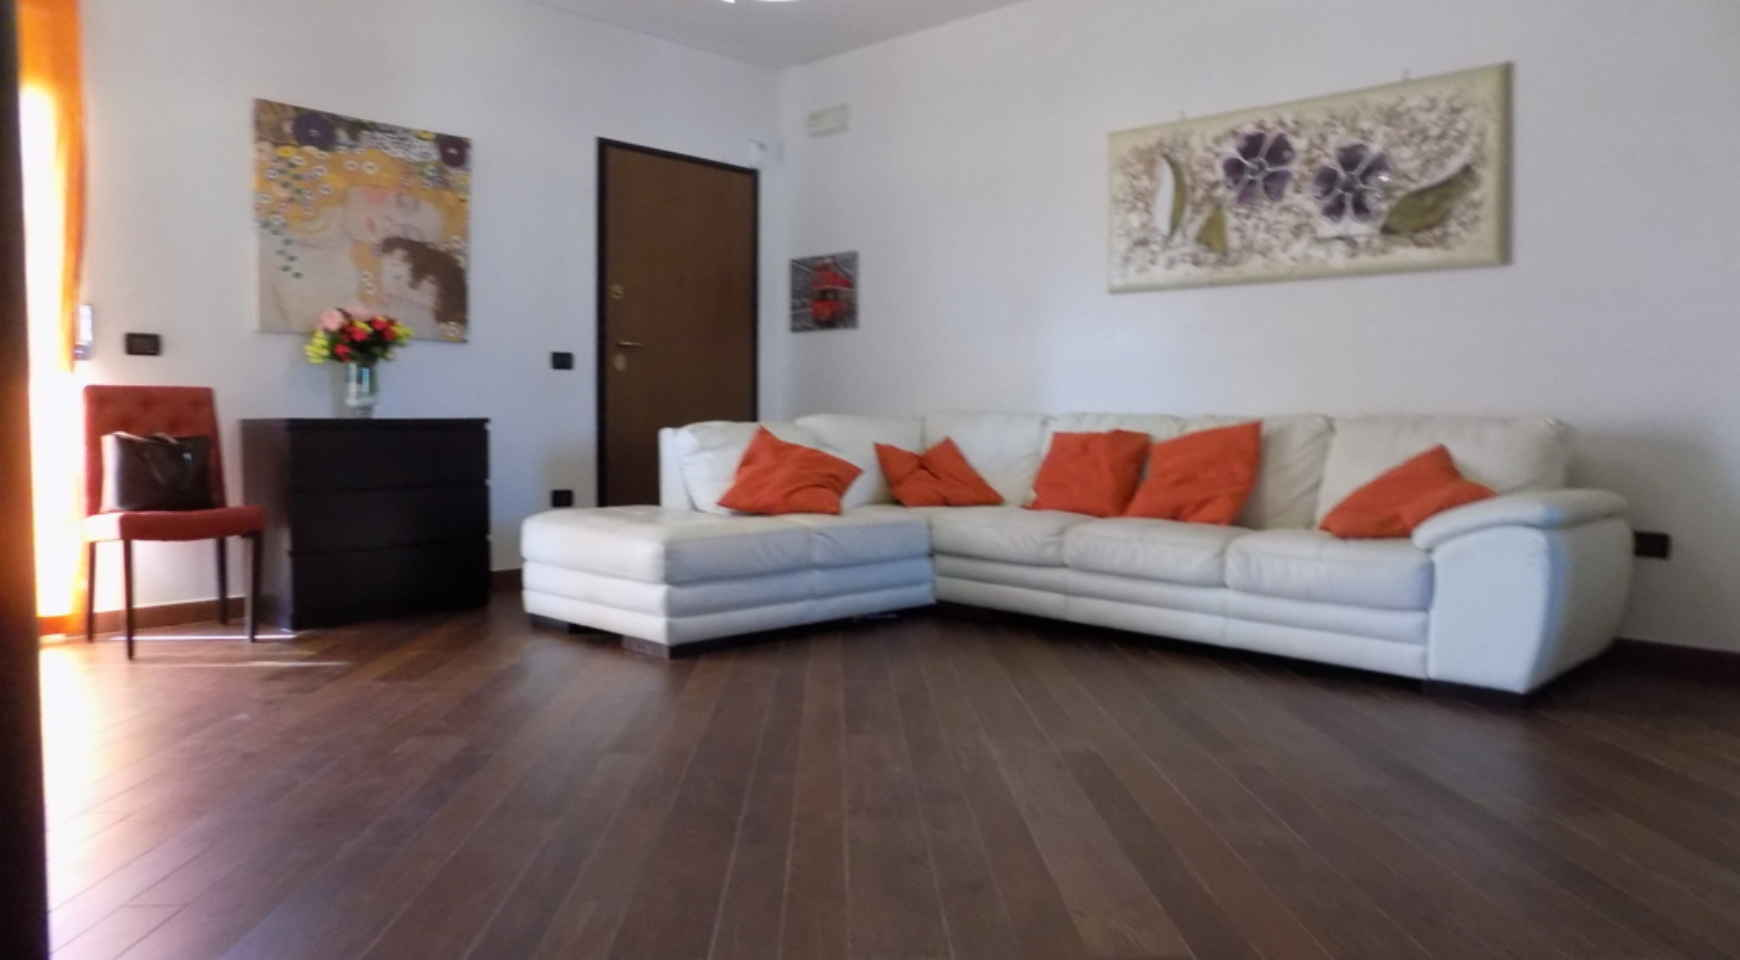 Camere Da Letto Taranto pulsano 1° trav. via napoli - new home taranto